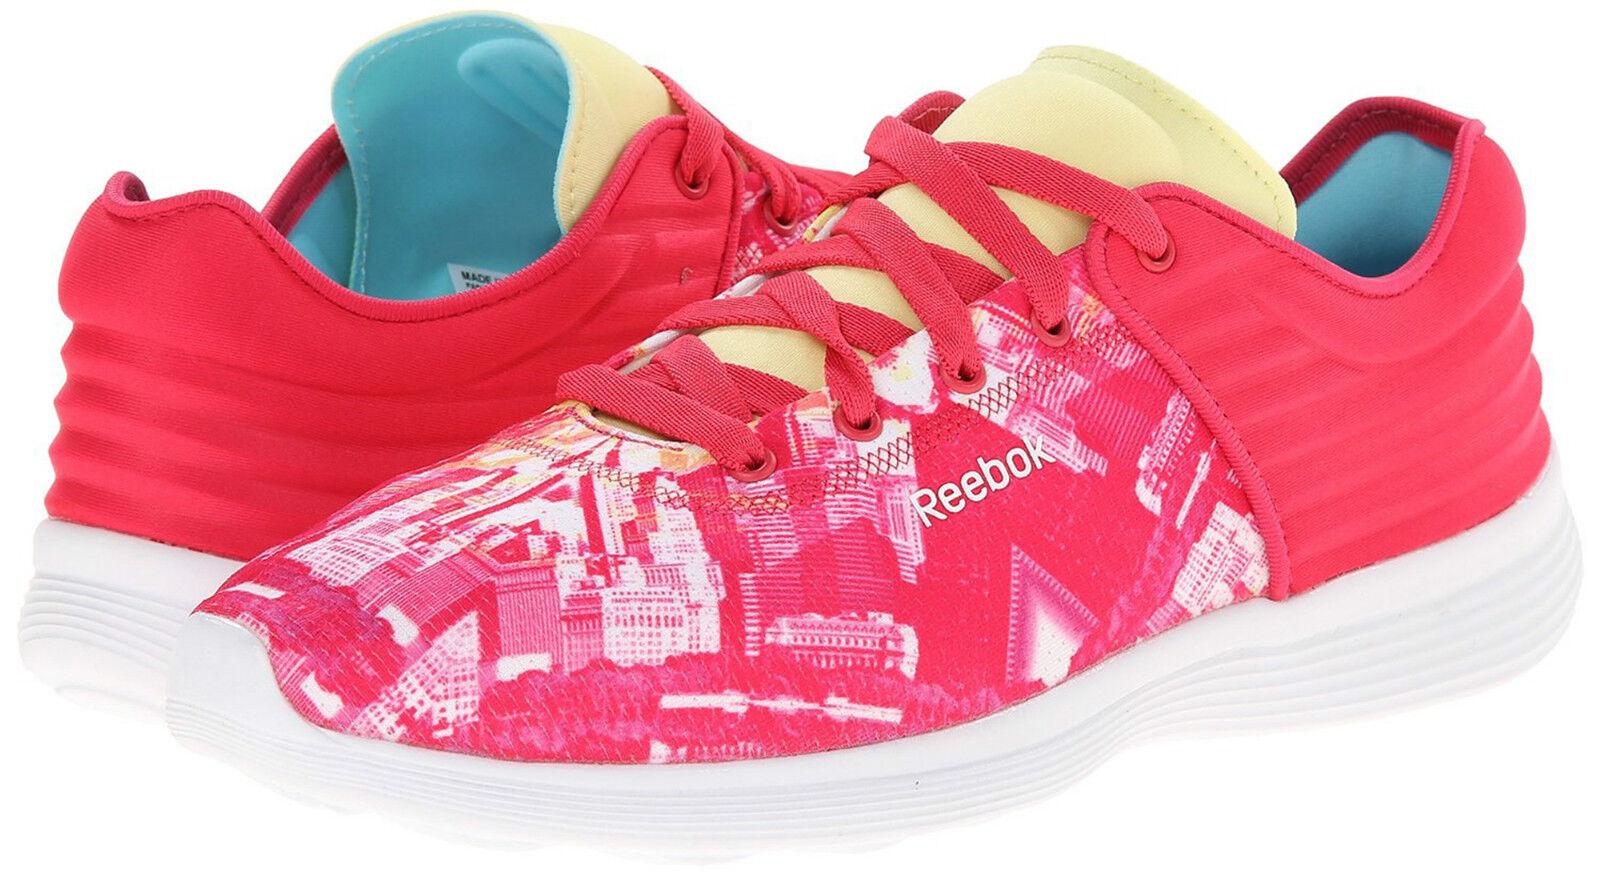 Nuevo Mujer Reebok Skyscape Fusible Tenis Deportivas zapatos zapatos zapatos 8 M Amarillo rosado Eu 38.5  nuevo sádico